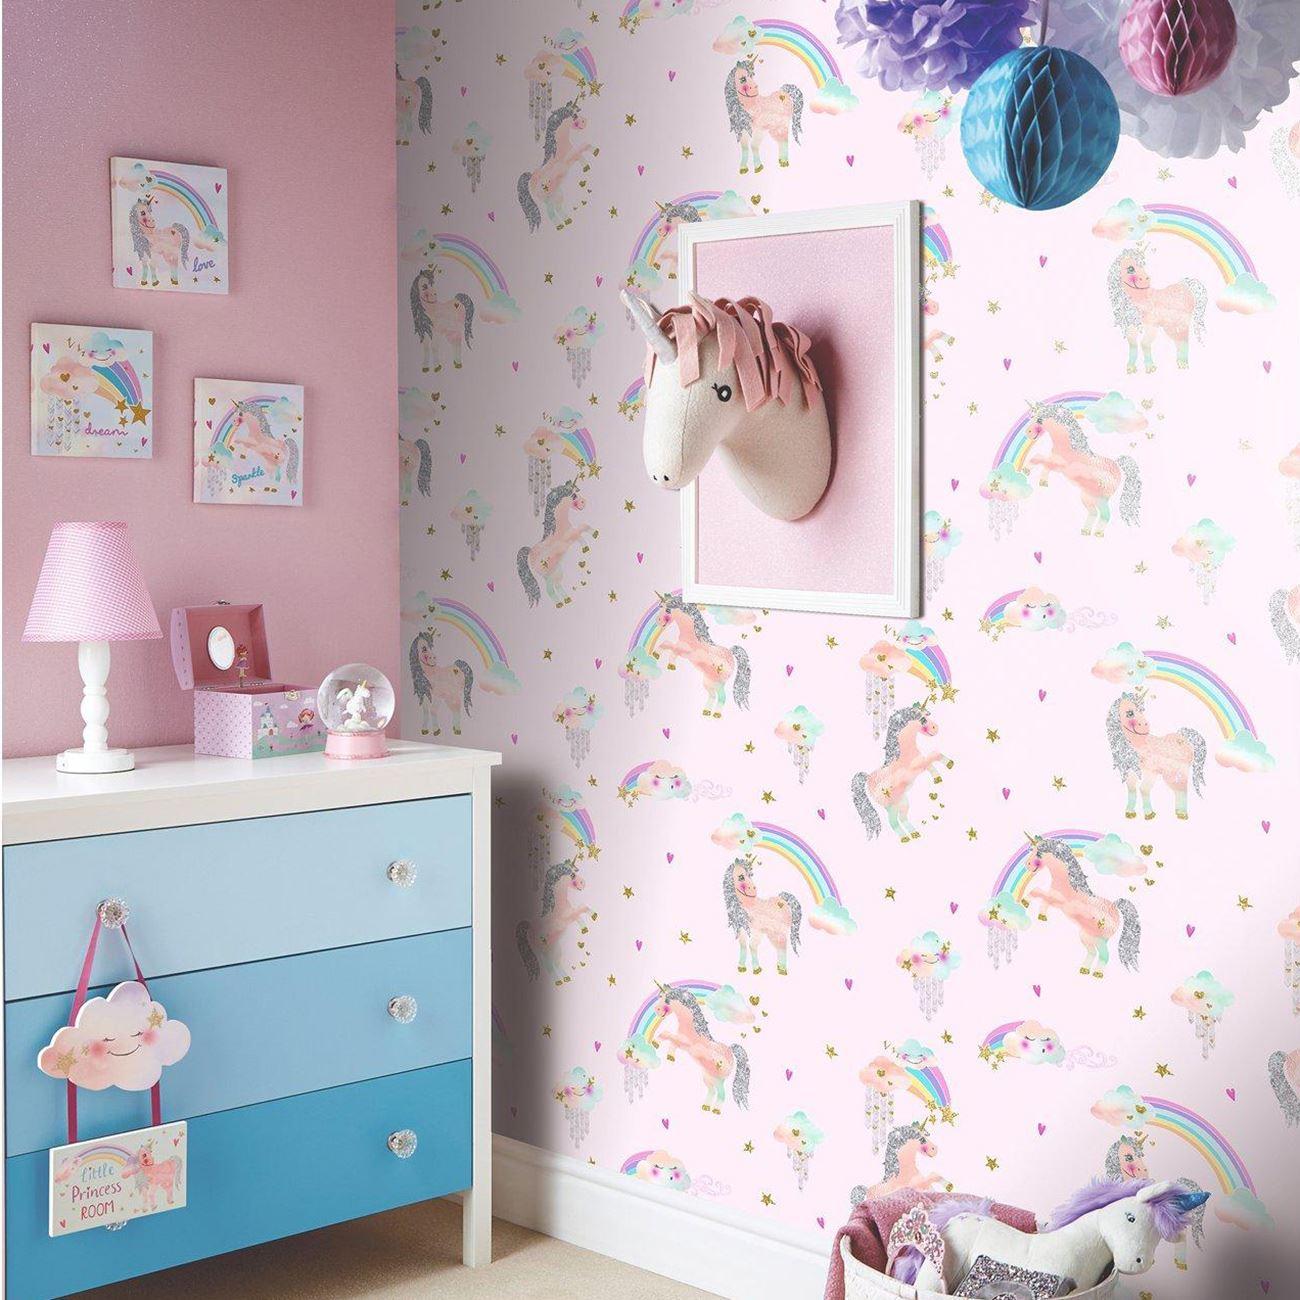 Einhörner Pferde Tapete Kinder Mädchen Schlafzimmer - Lila Rosa Weiß ...